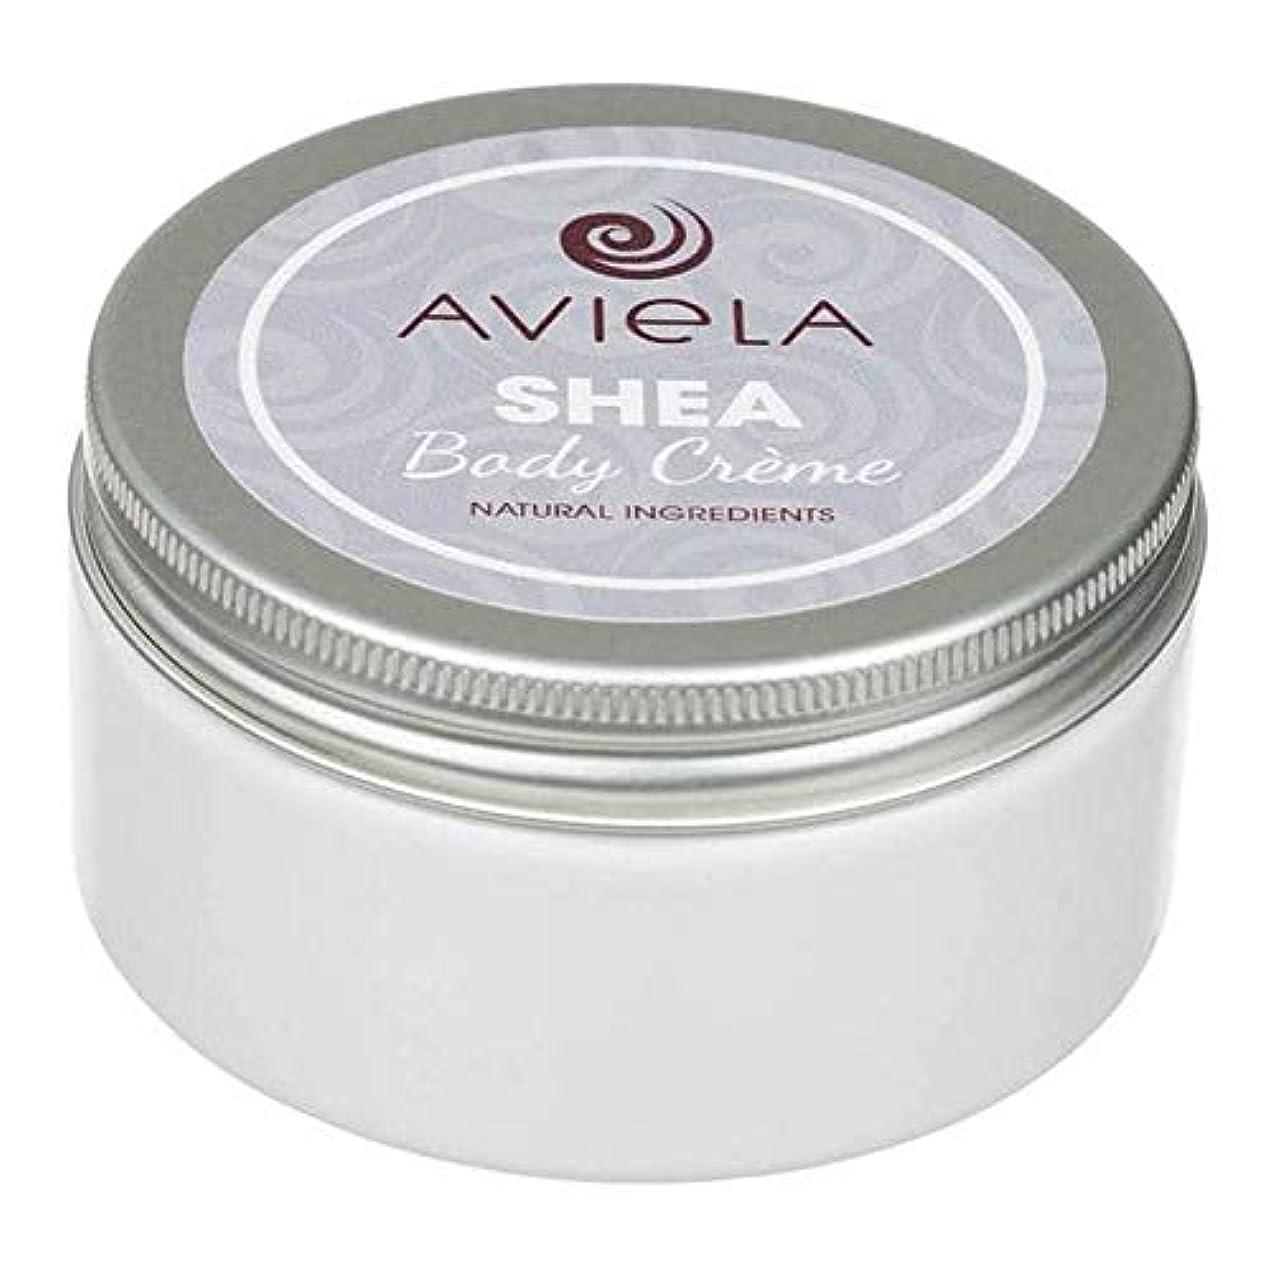 飲料プロポーショナル追跡[Aviela] Avielaシアボディクリーム200グラム - Aviela Shea Body Creme 200g [並行輸入品]